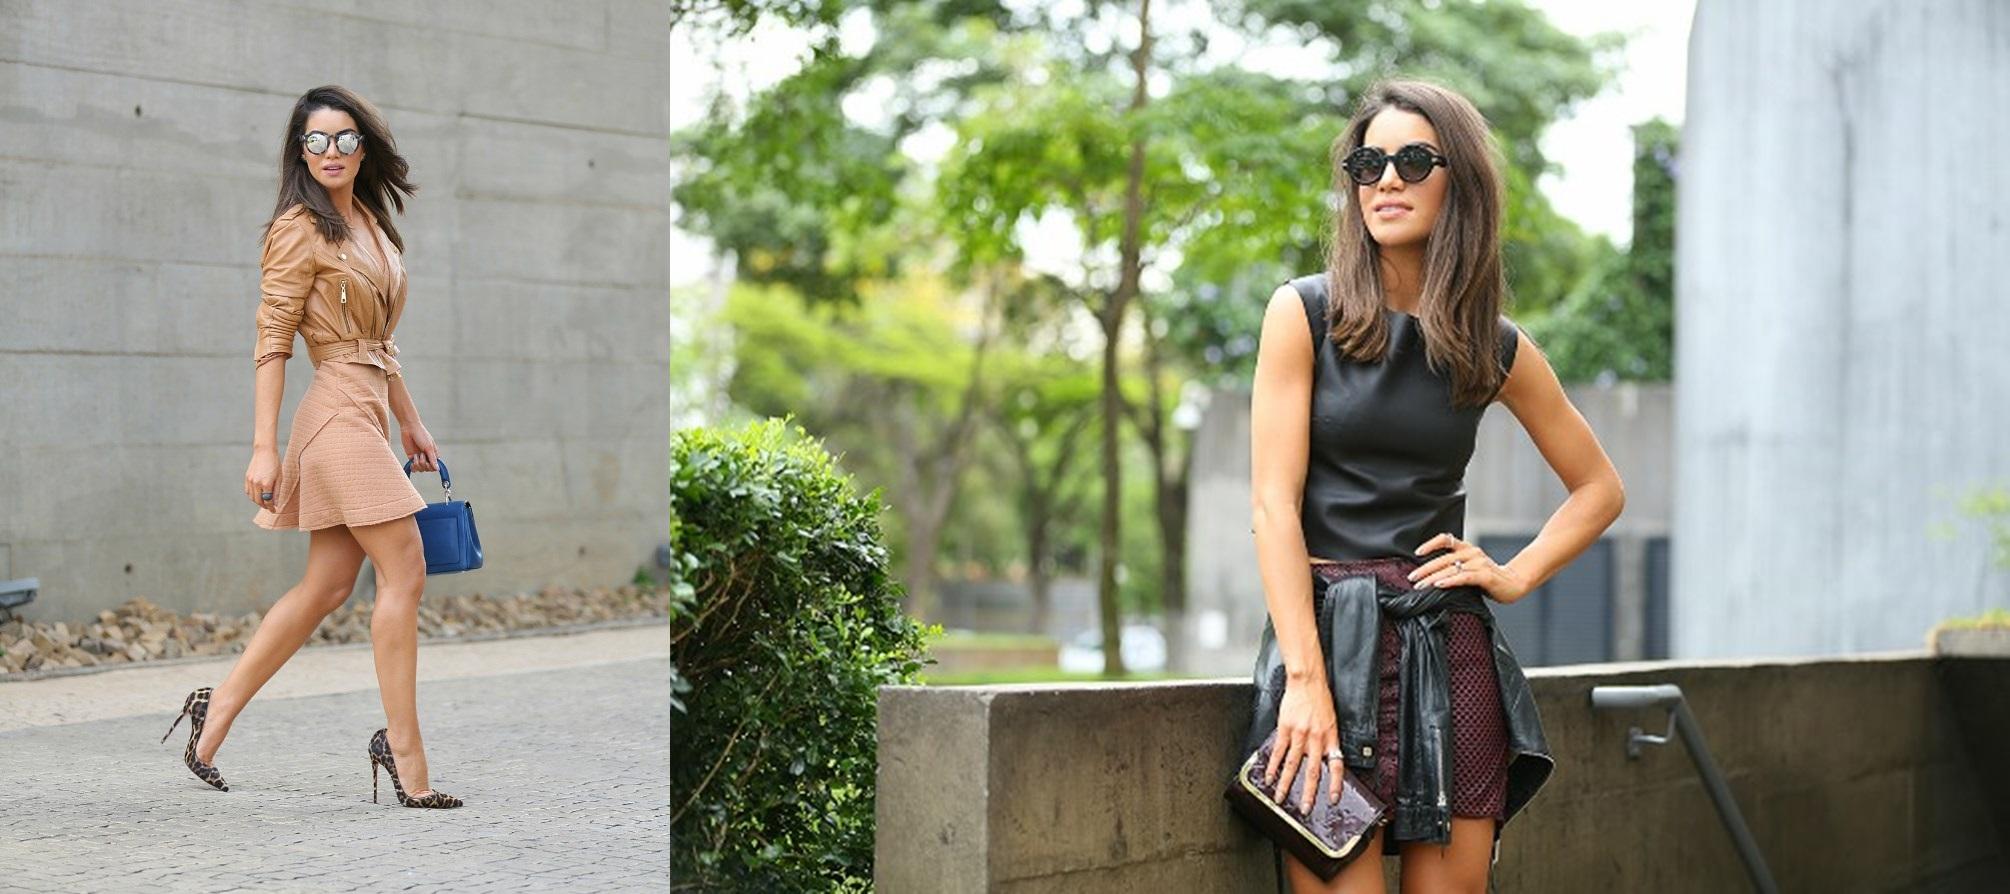 achado-chique-fashion-week-2015-9-horz Melhores looks das Famosas e Blogueiras no  SPFW 2015